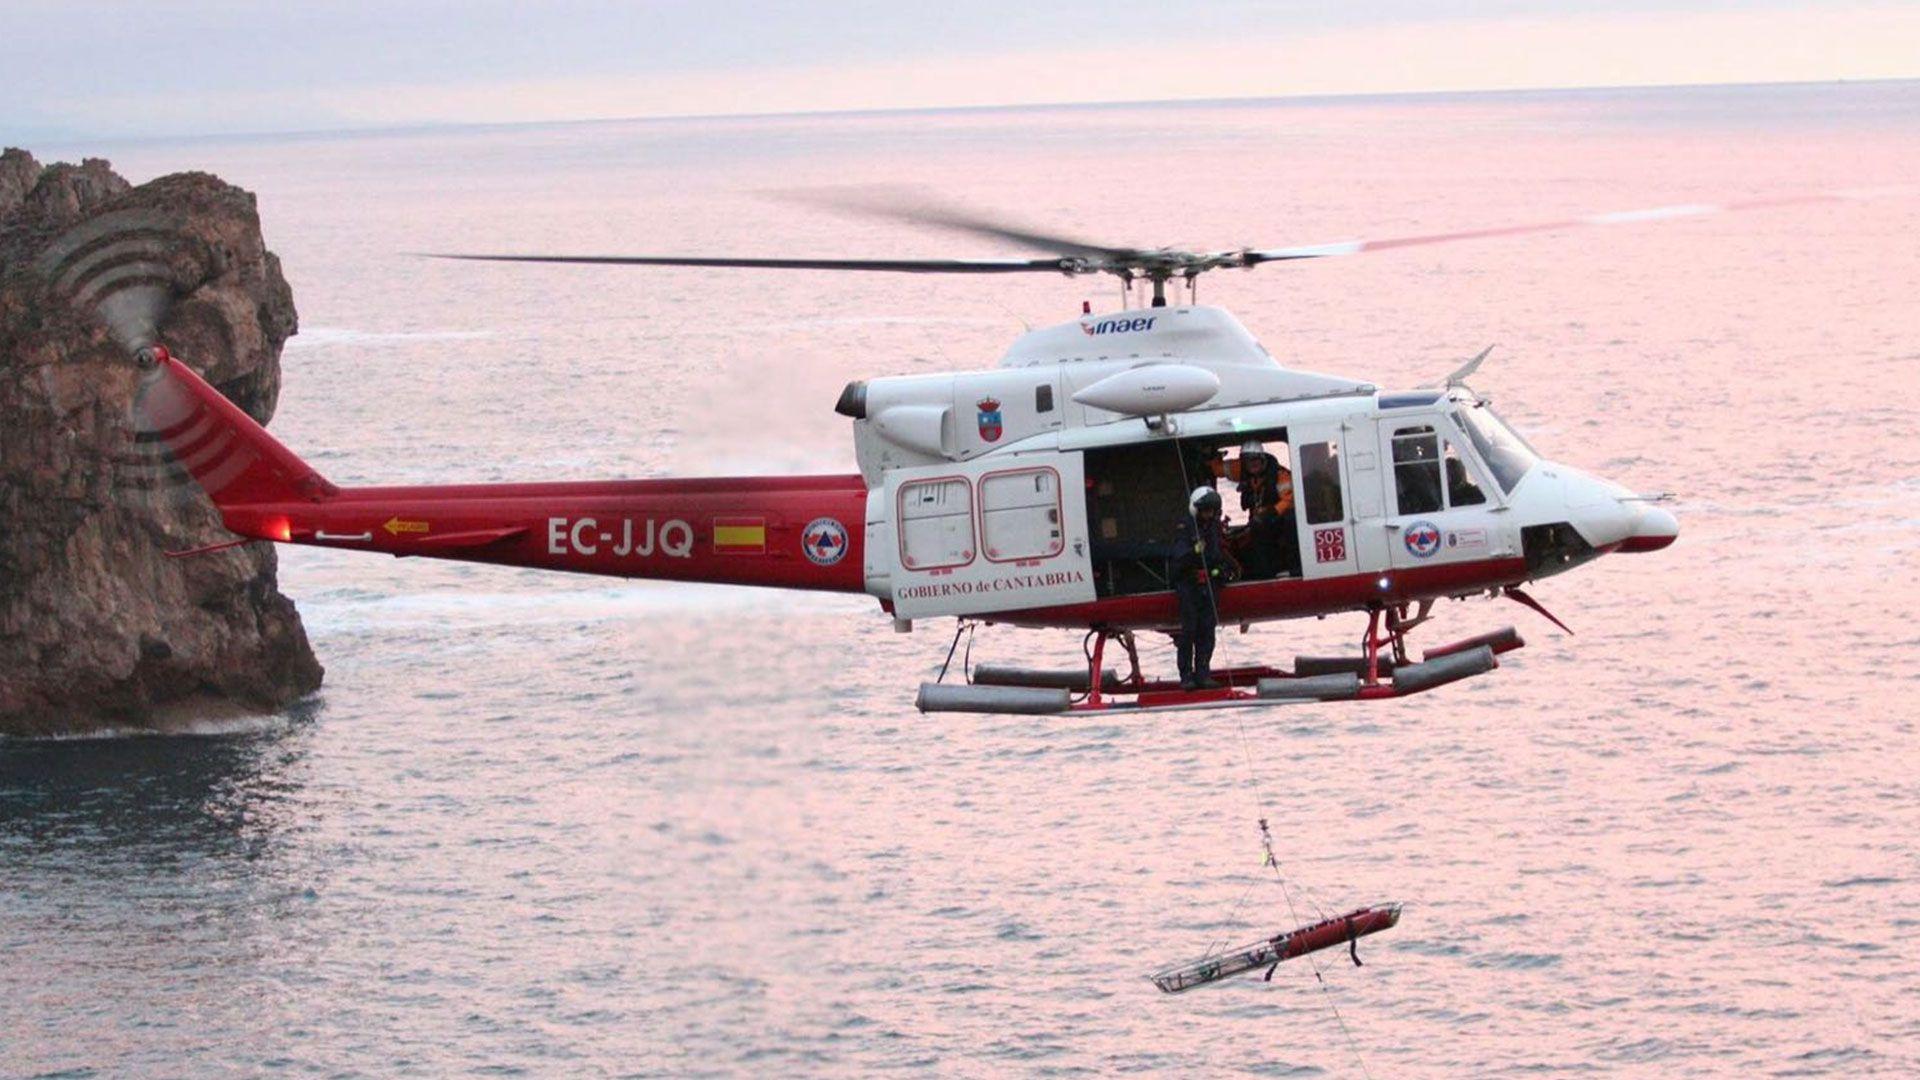 112 rescate maritimo en cantabria